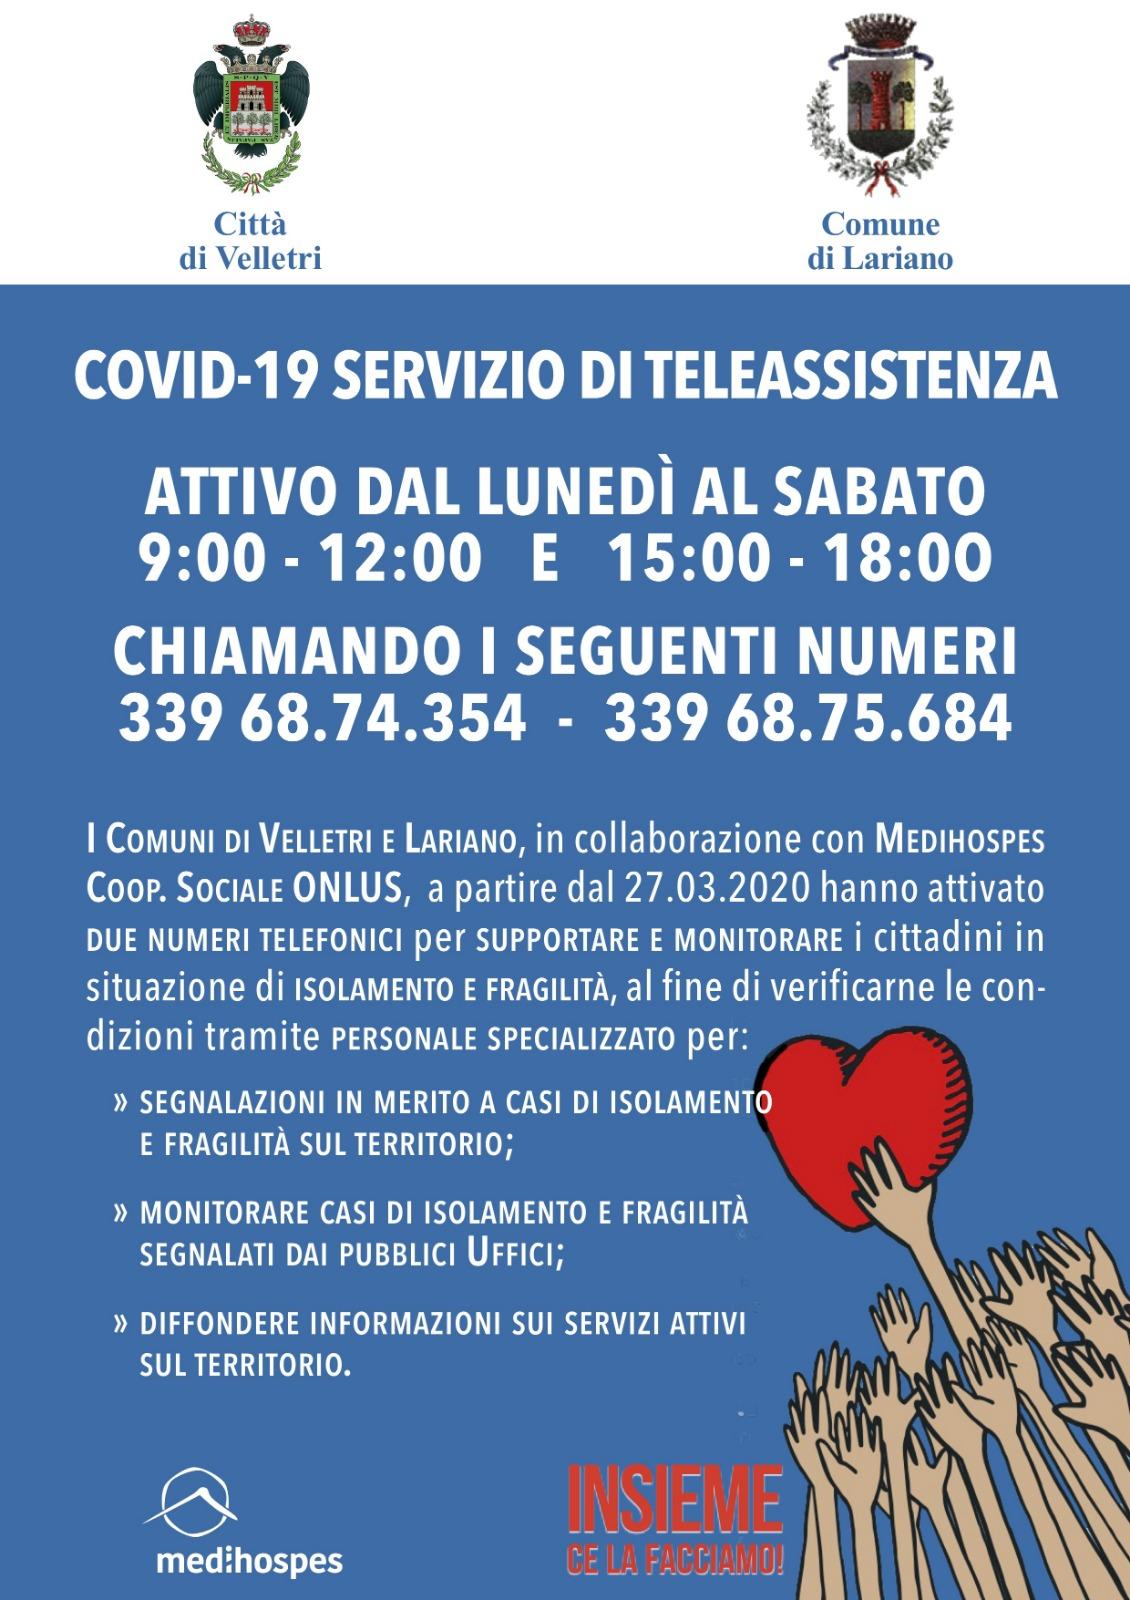 Medihospes, attivato il servizio di supporto per le persone fragili a Velletri e Lariano